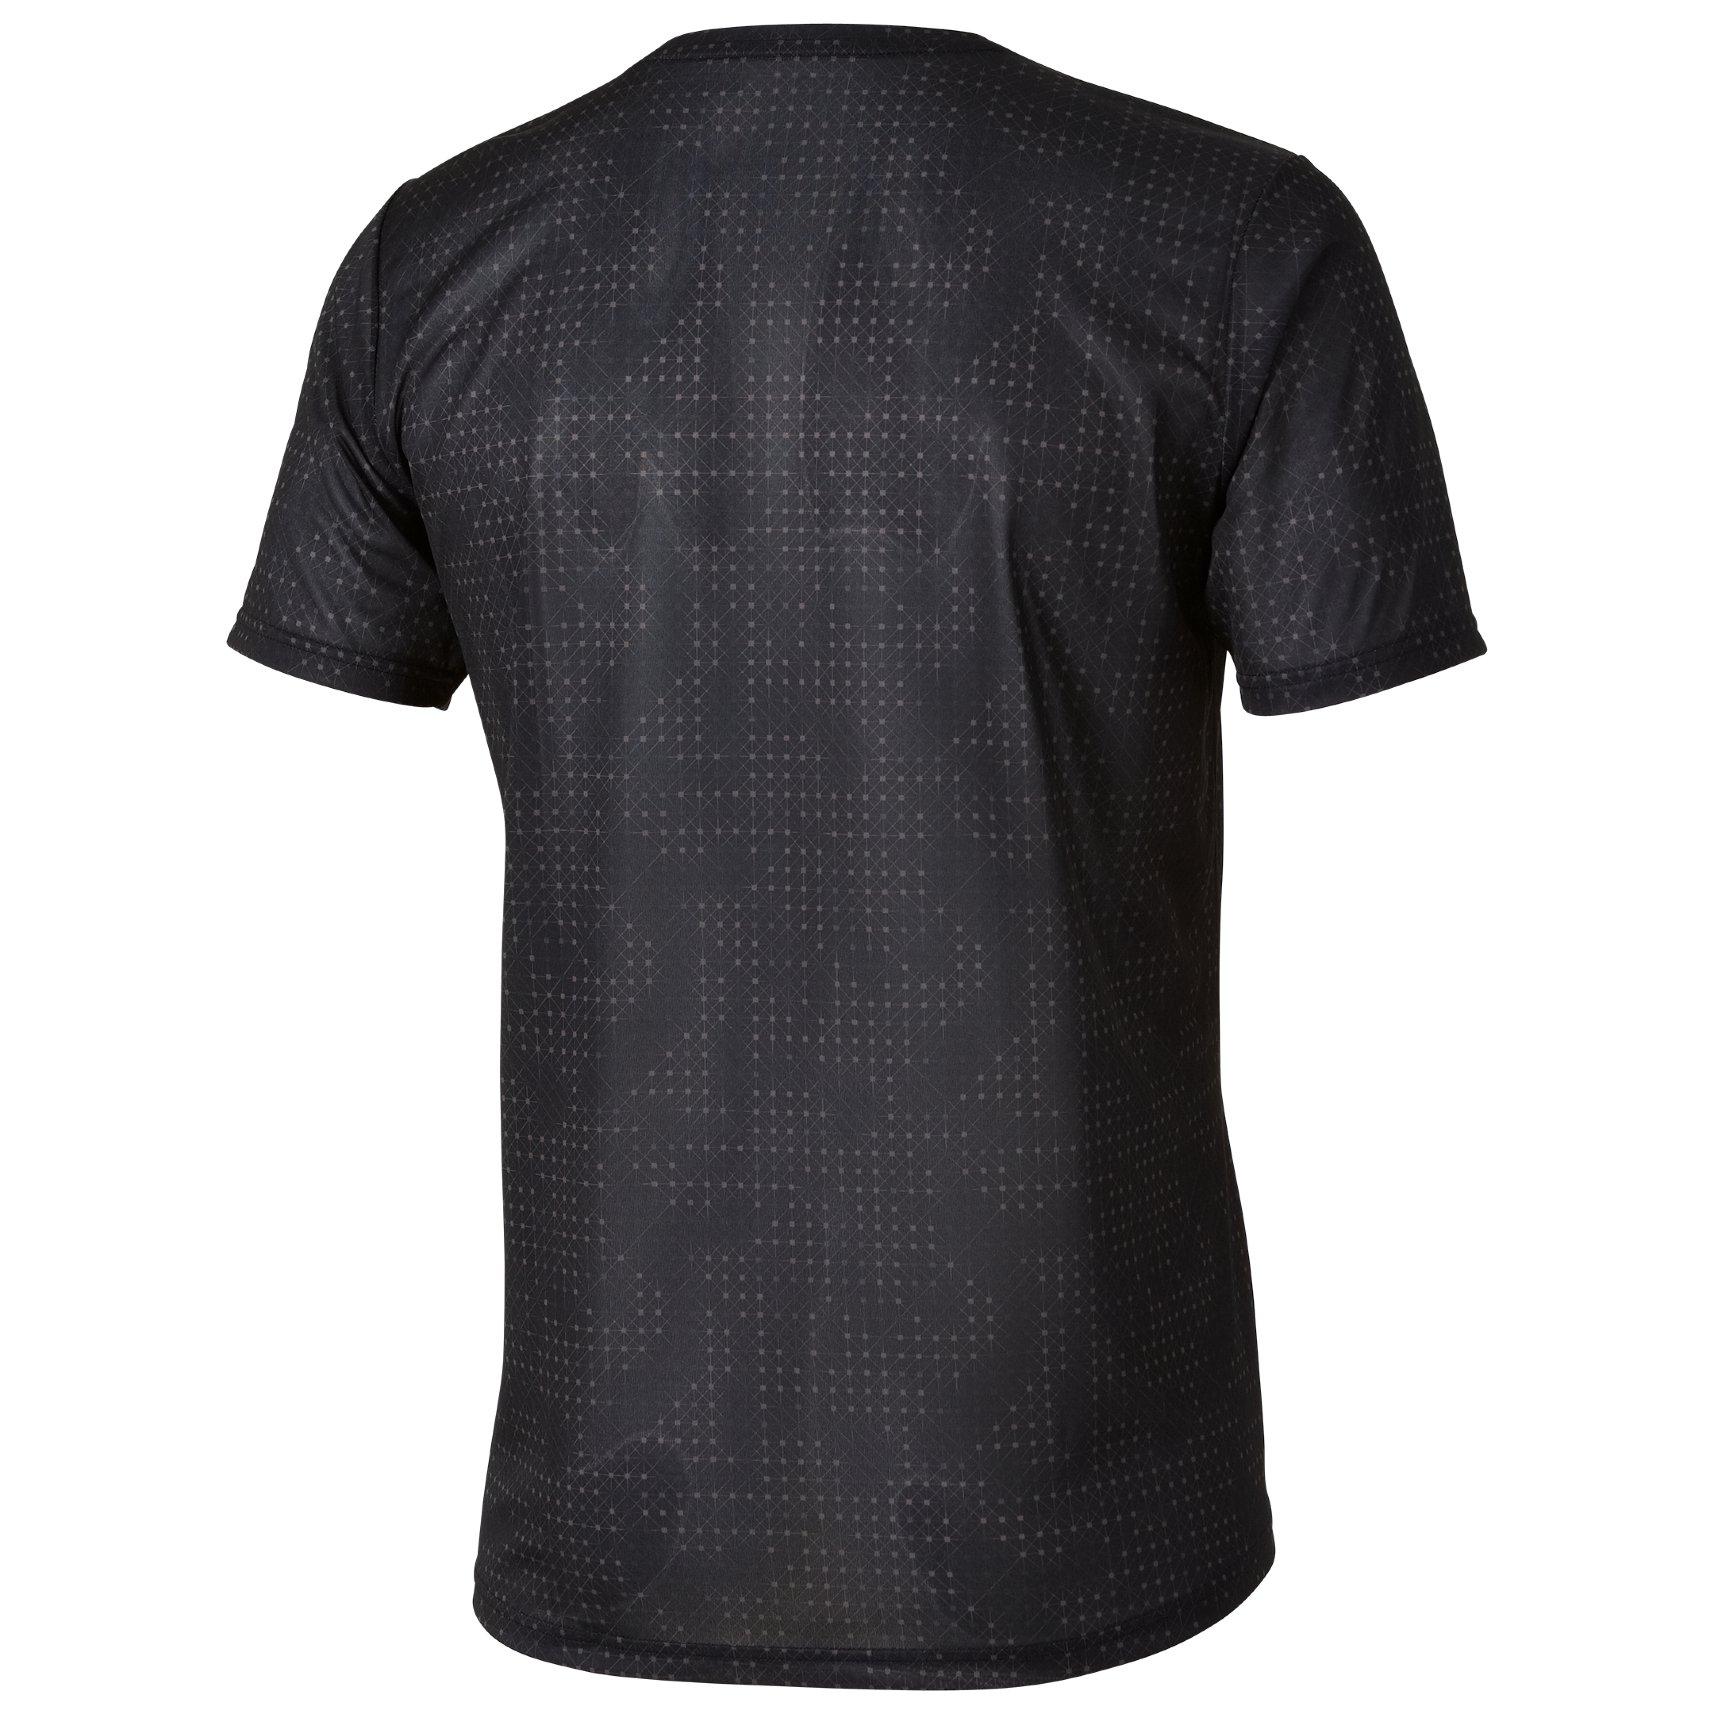 747587787381 Купить футболку Asics Print Tee 121731 2048   Интернет-магазин ...